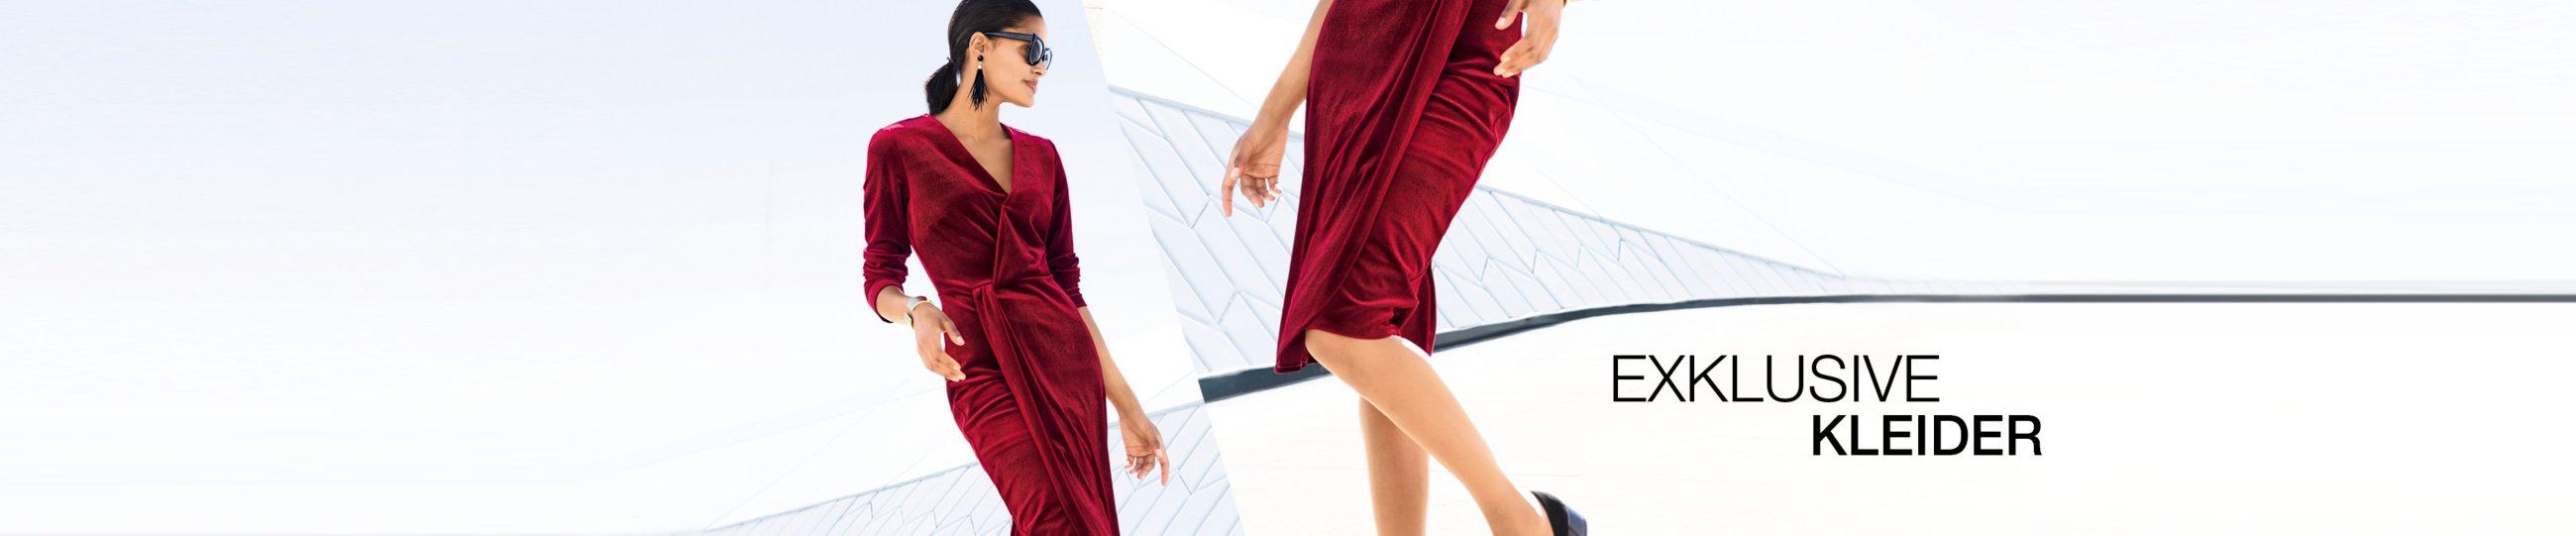 low priced e4cc1 3c105 Elegante Kleider für stilvolle Auftritte bestellen ...